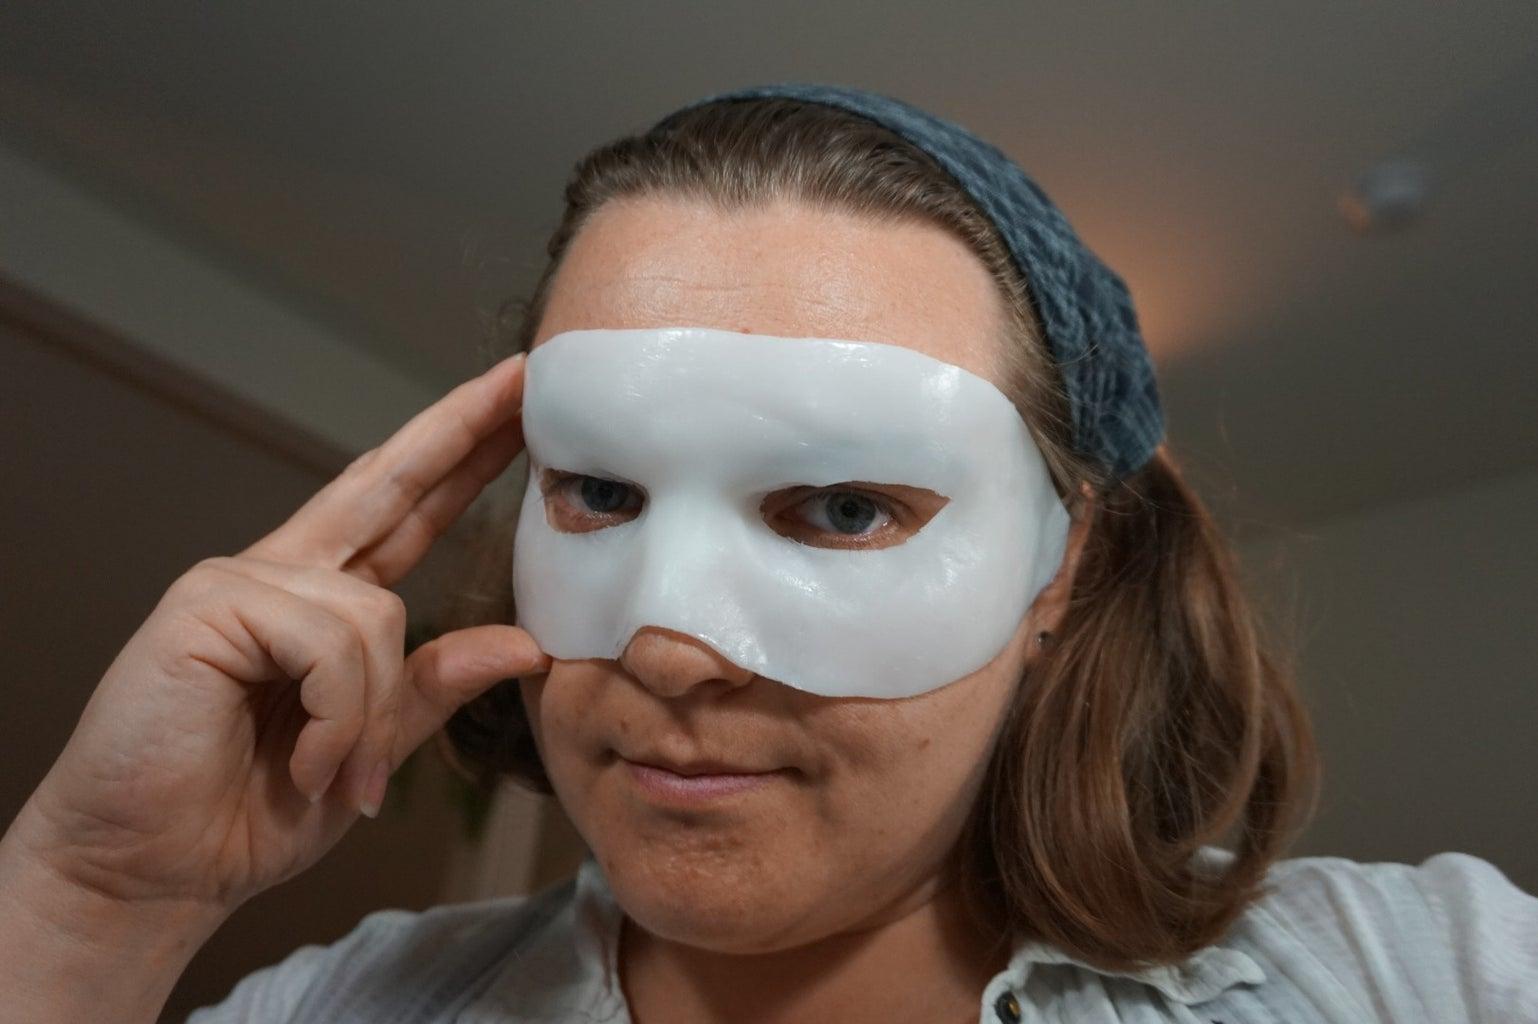 Shaping the Mask Base